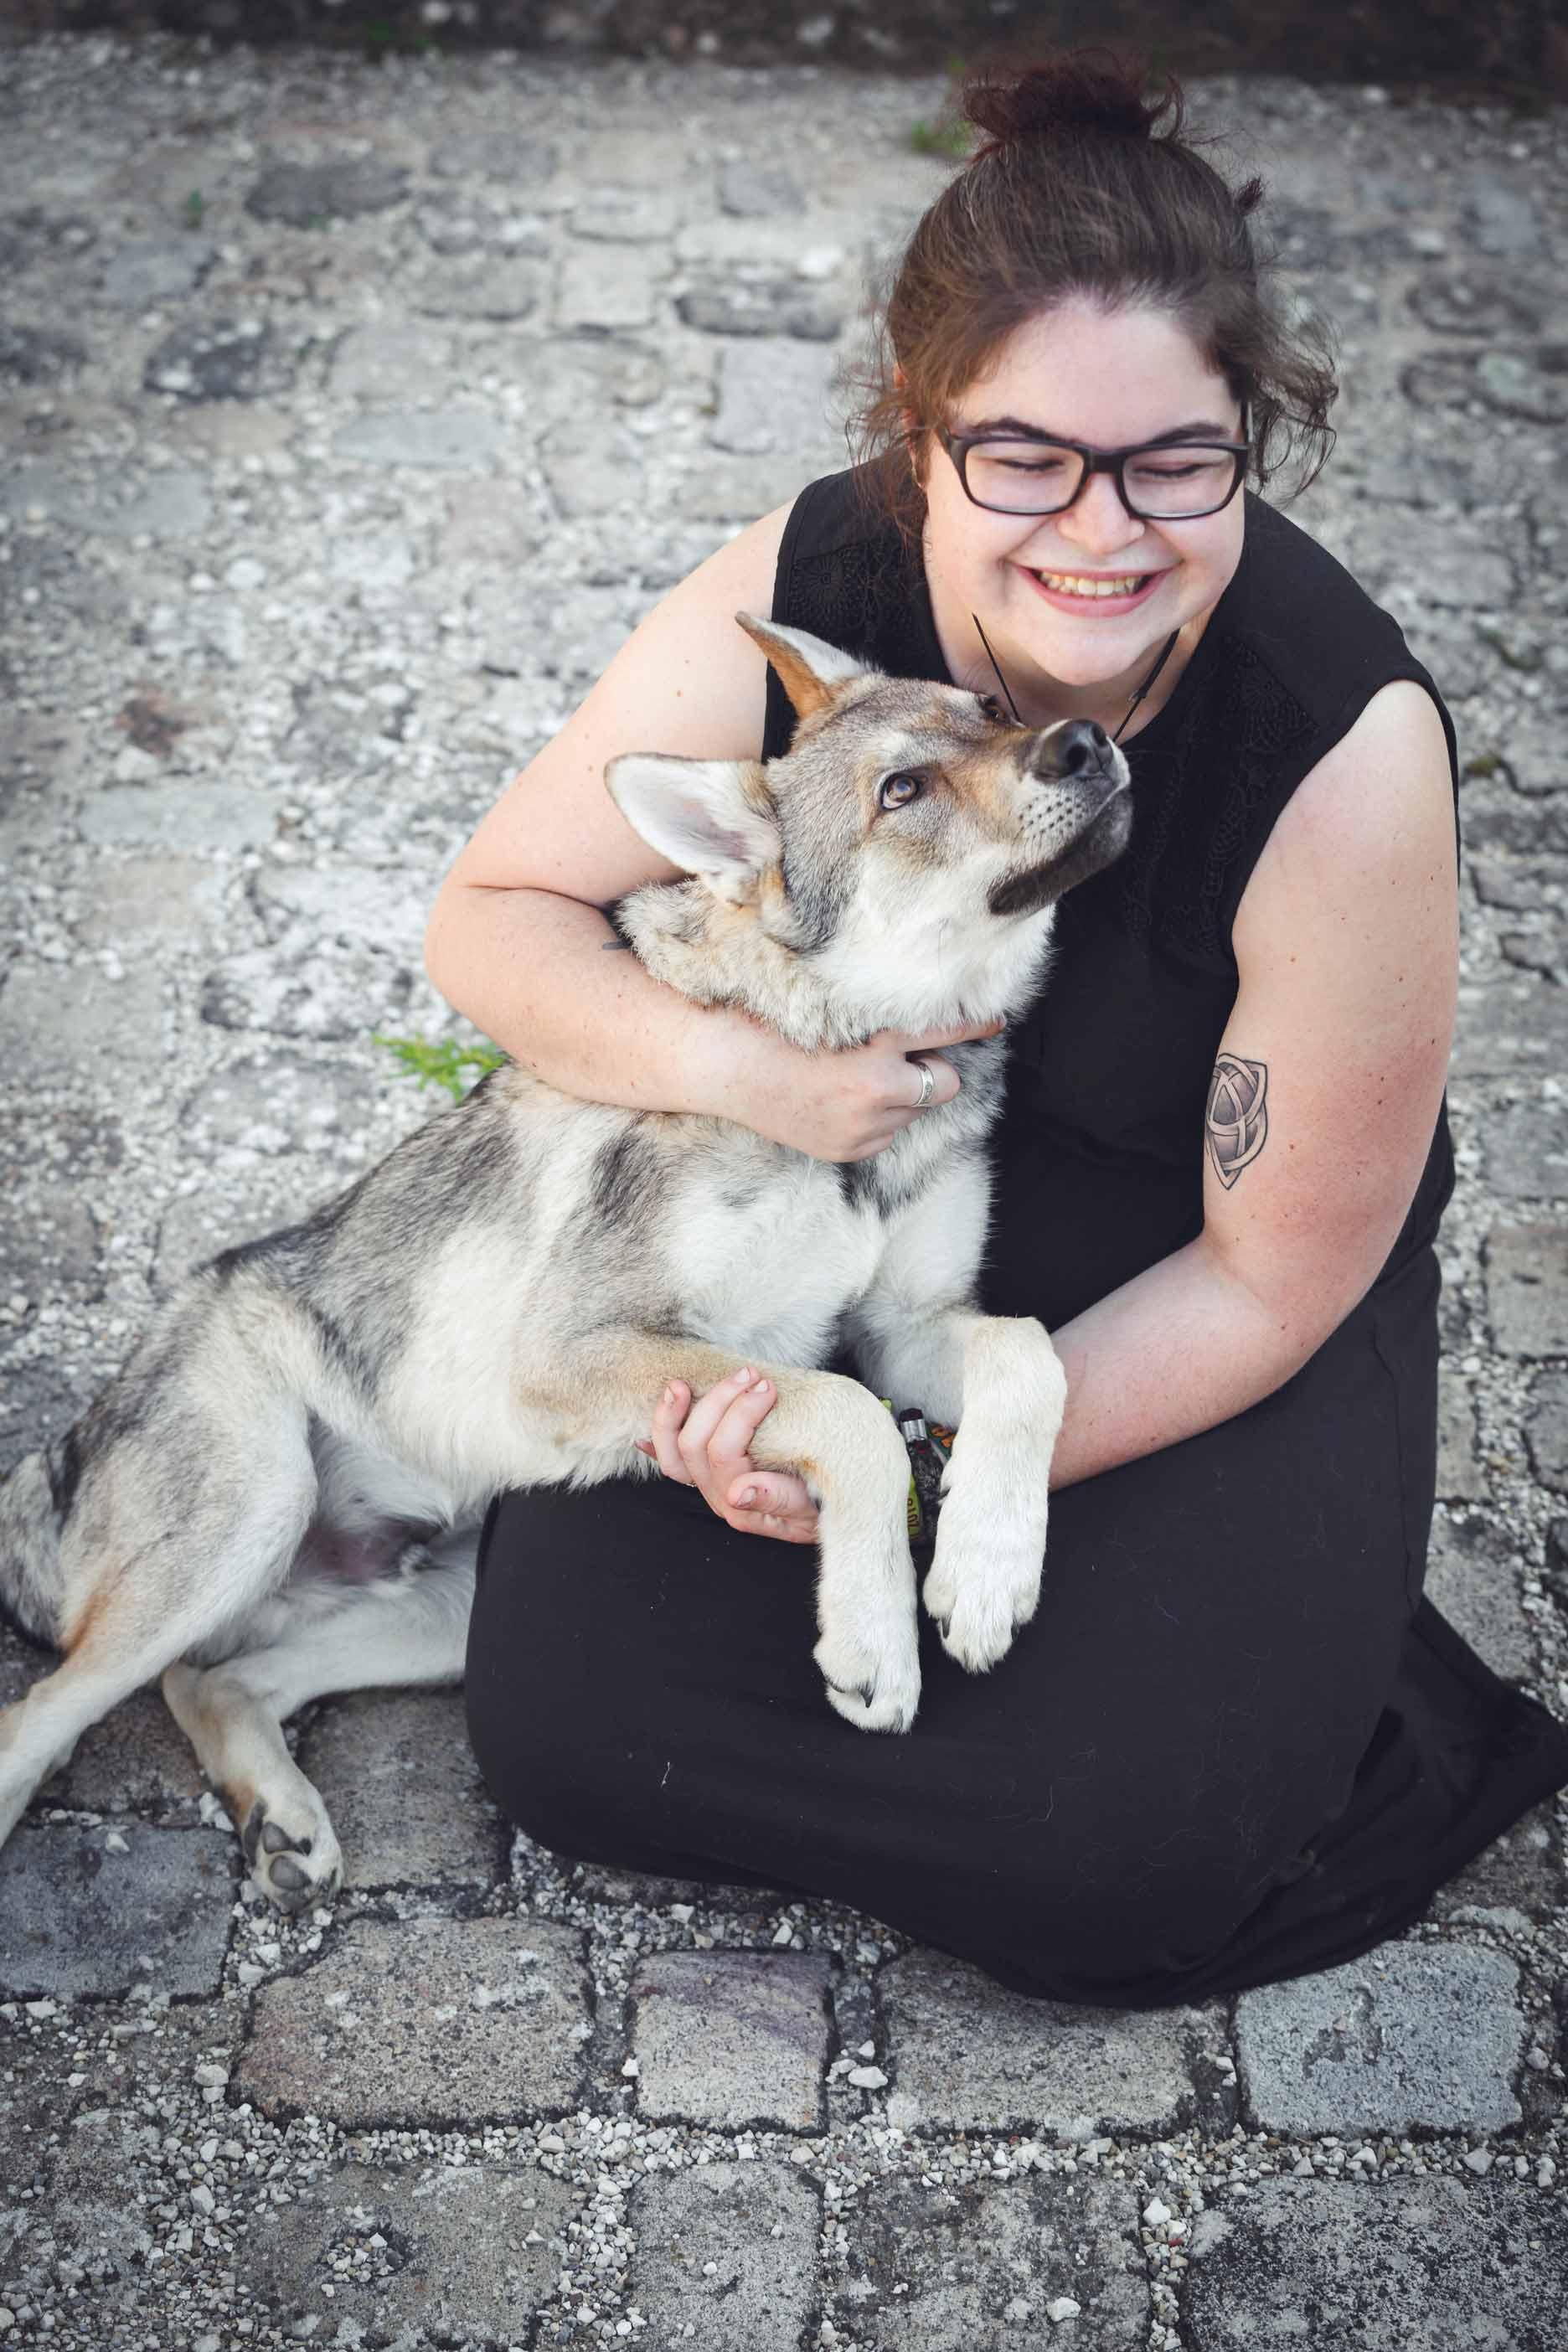 Hundefotografie mit Suko dem Tschechoslowakischen Wolfshund IMG 8264w